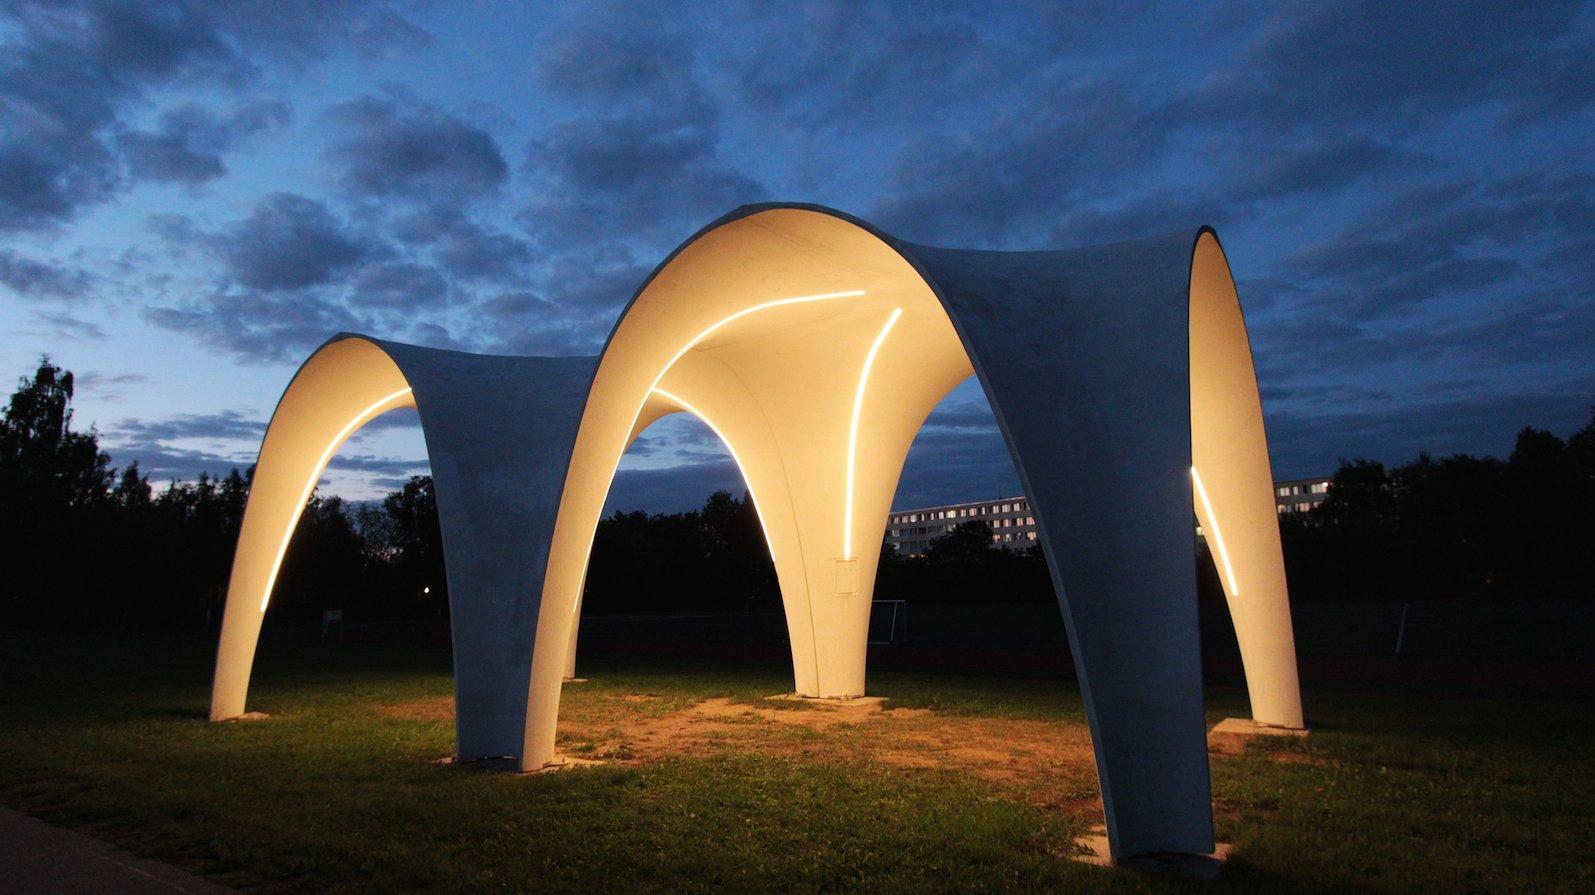 Auf dem Sportplatz der TU Chemnitz haben die Wissenschaftler Pavillons aus Karbonbeton als Referenzobjekte errichtet. Diese sind mit Sticksensoren ausgerüstet, über die sich die Beleuchtung steuern lässt.